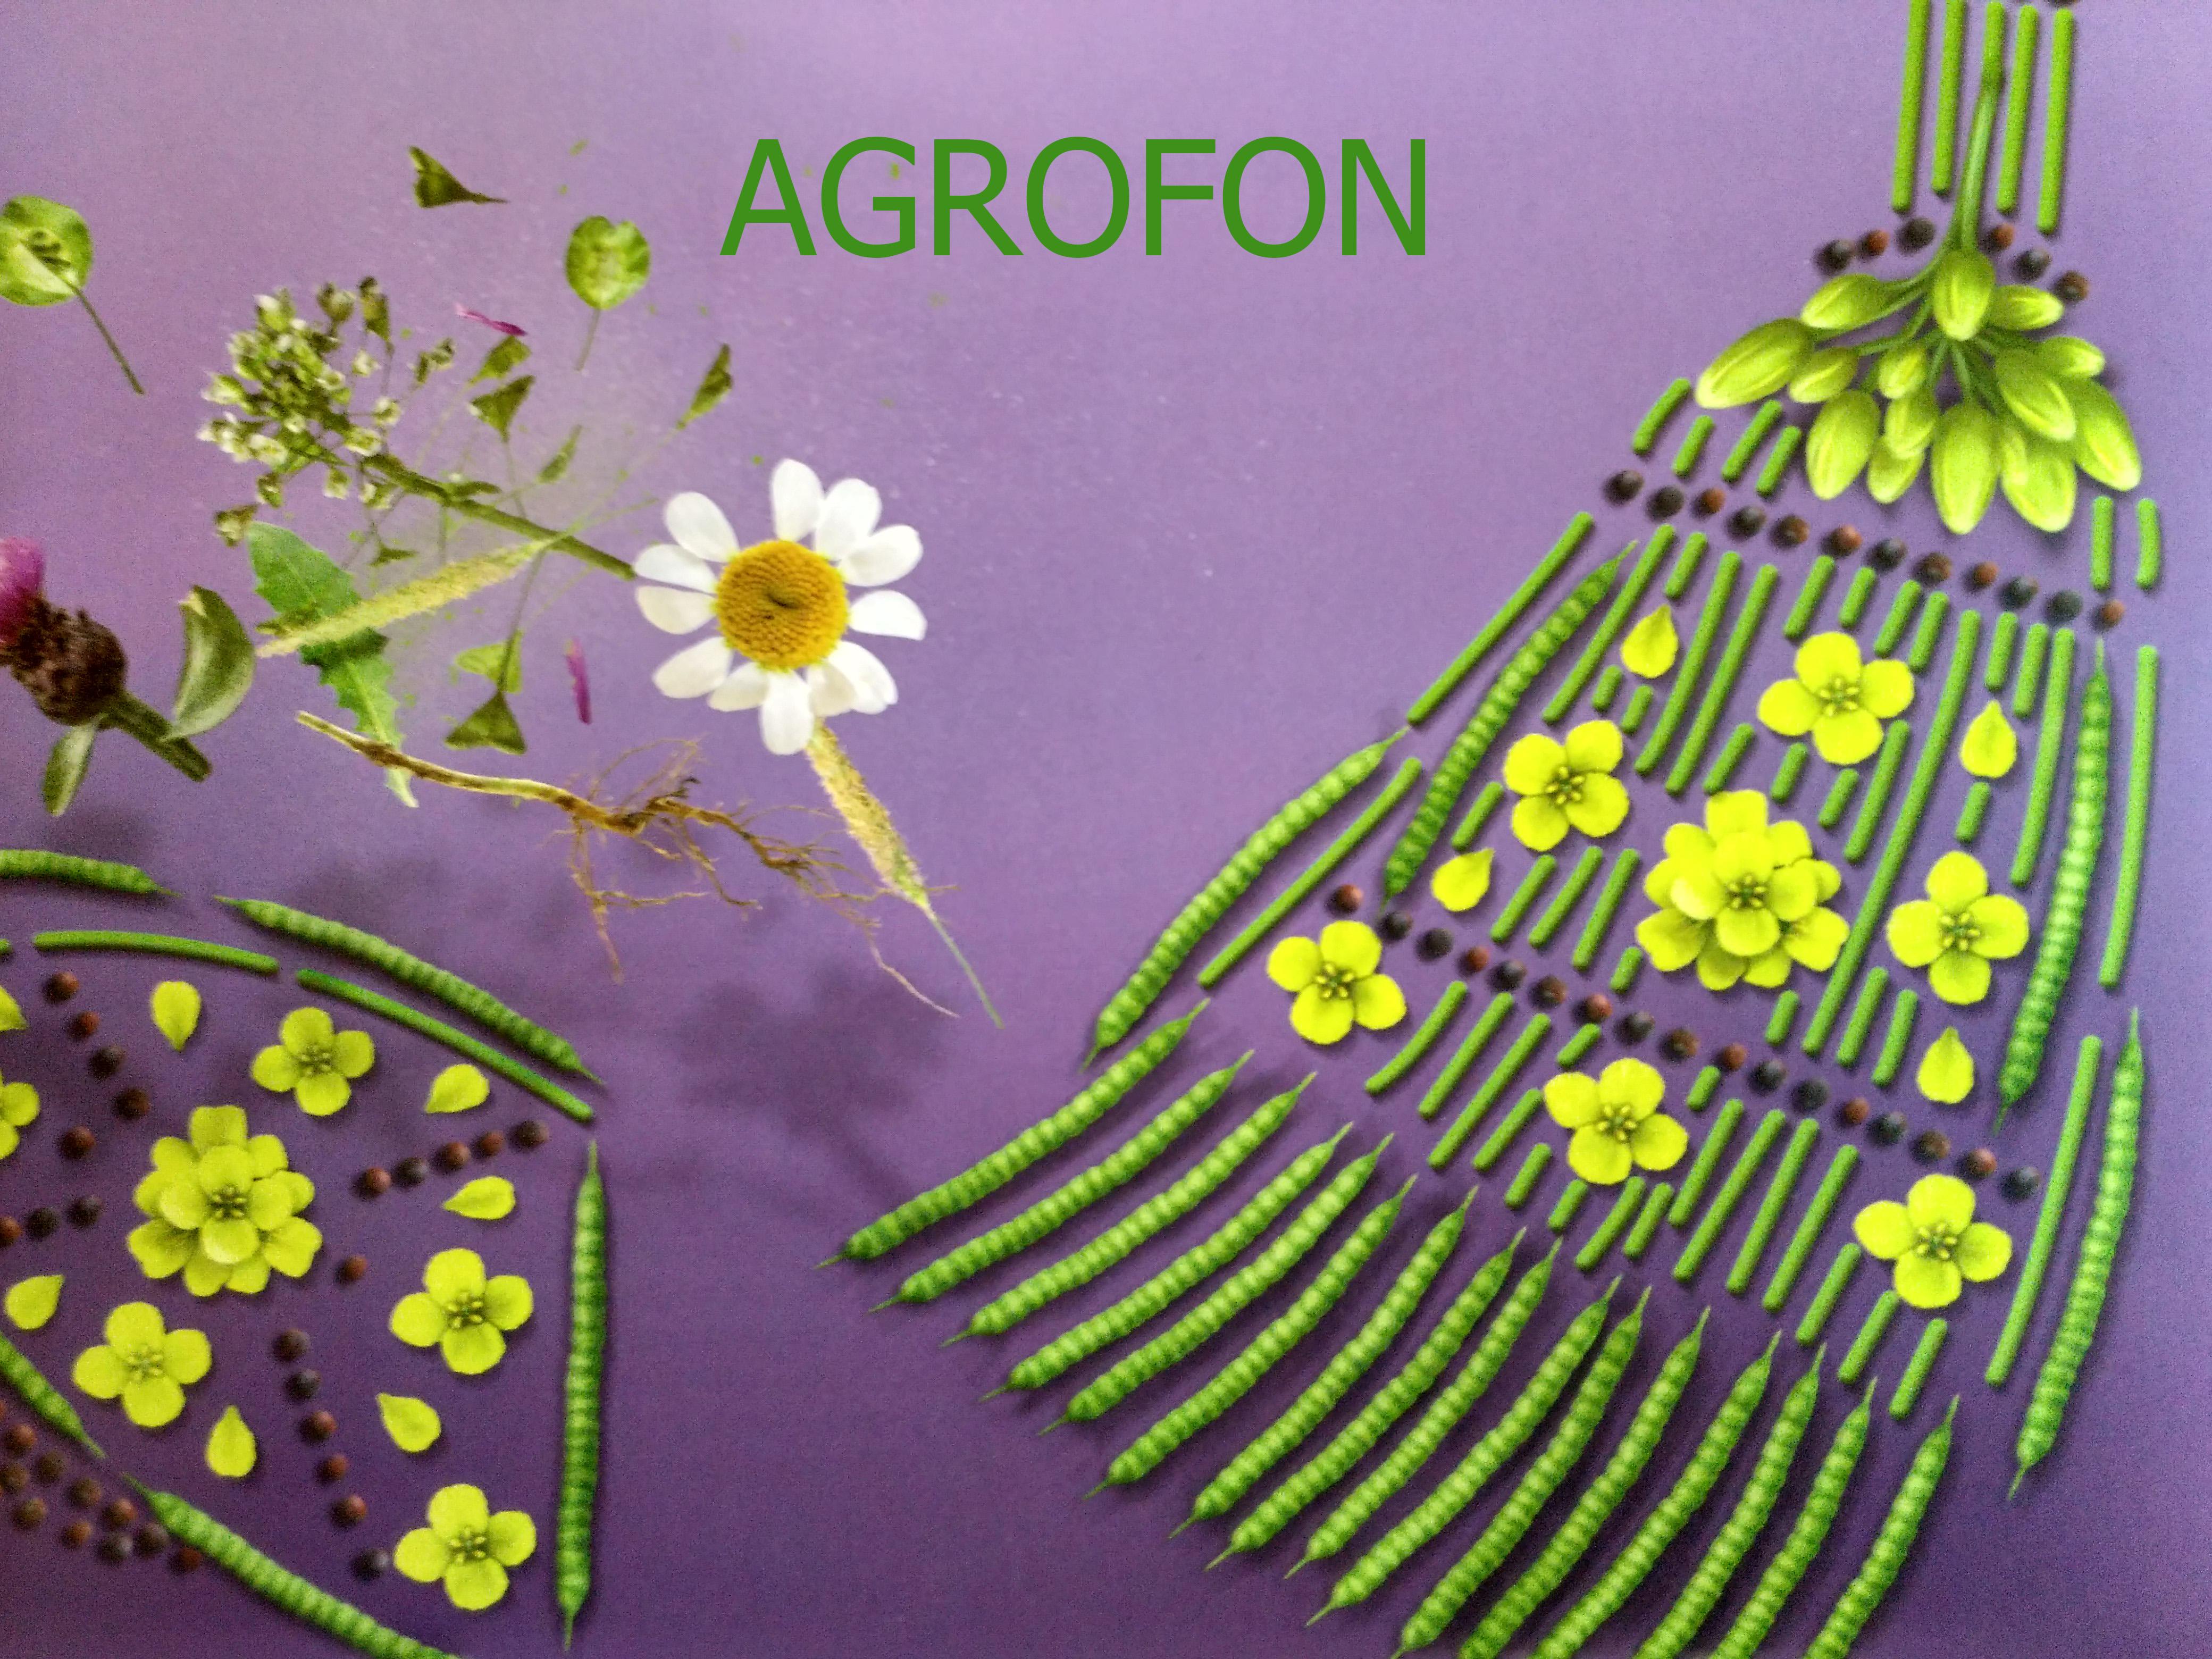 семена рапса, купить семена рапса,рапс яровой,озимый рапс инструкция,рапс глифосат